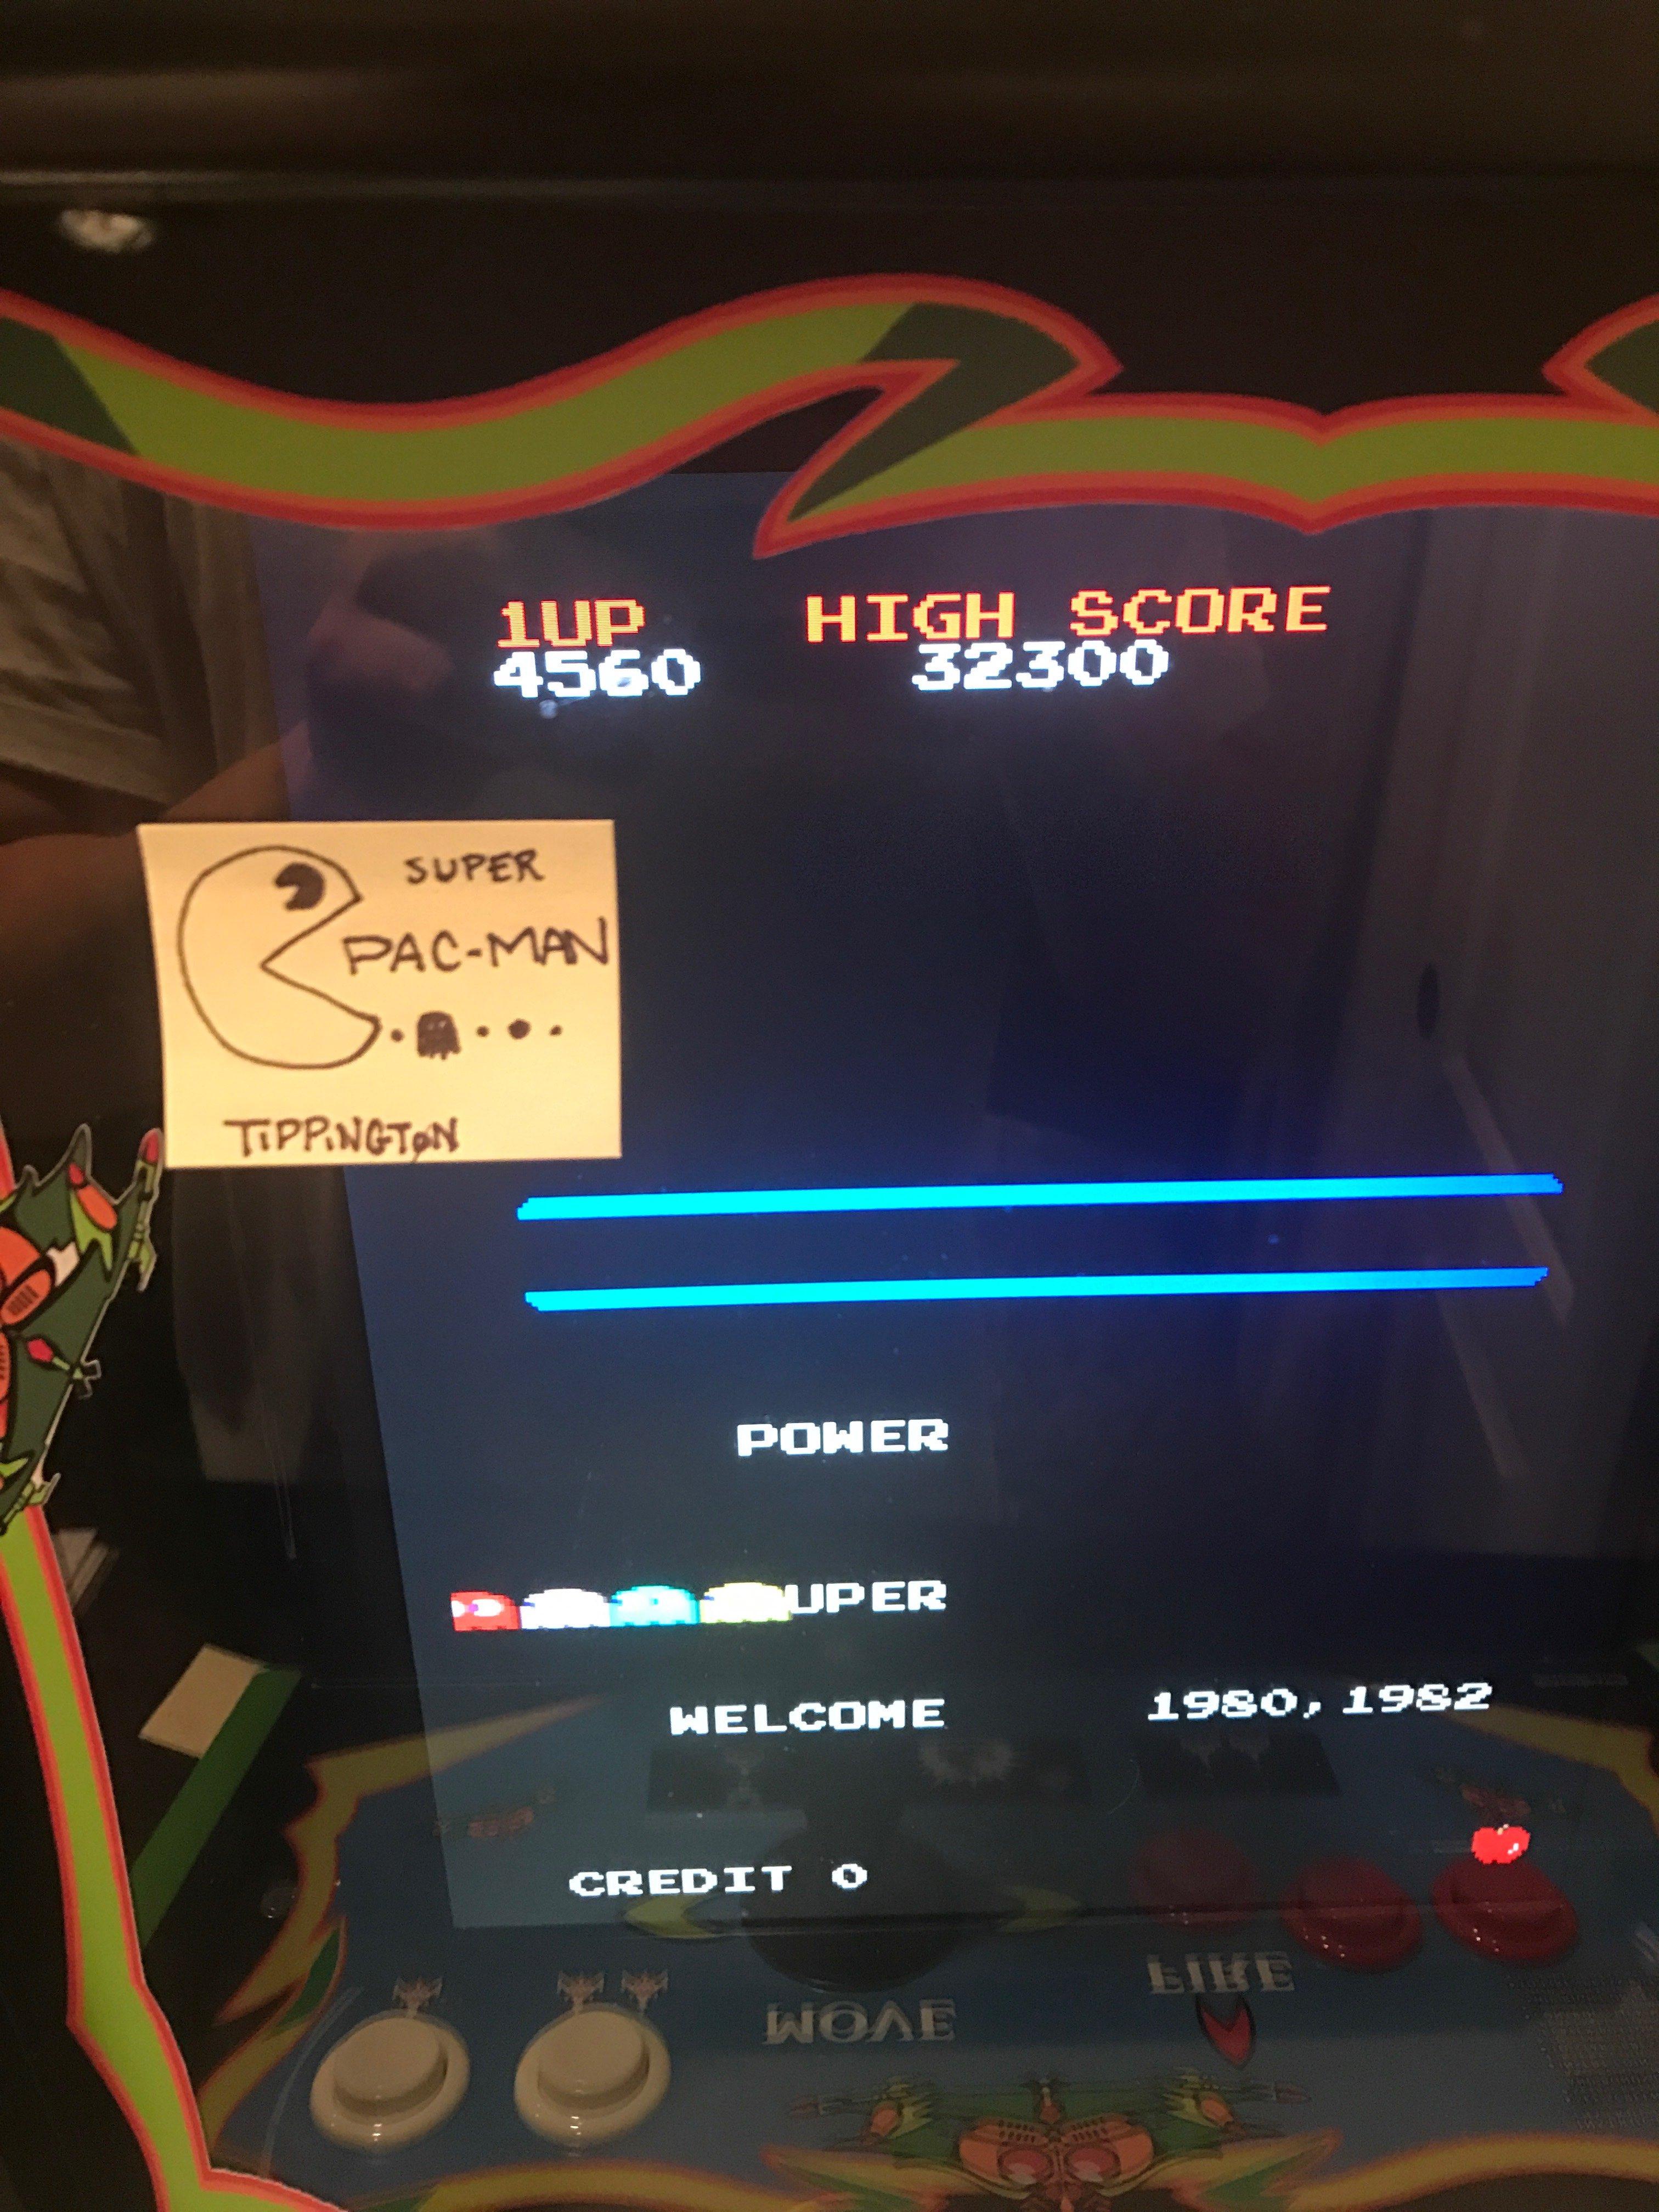 Super Pac-Man 32,300 points